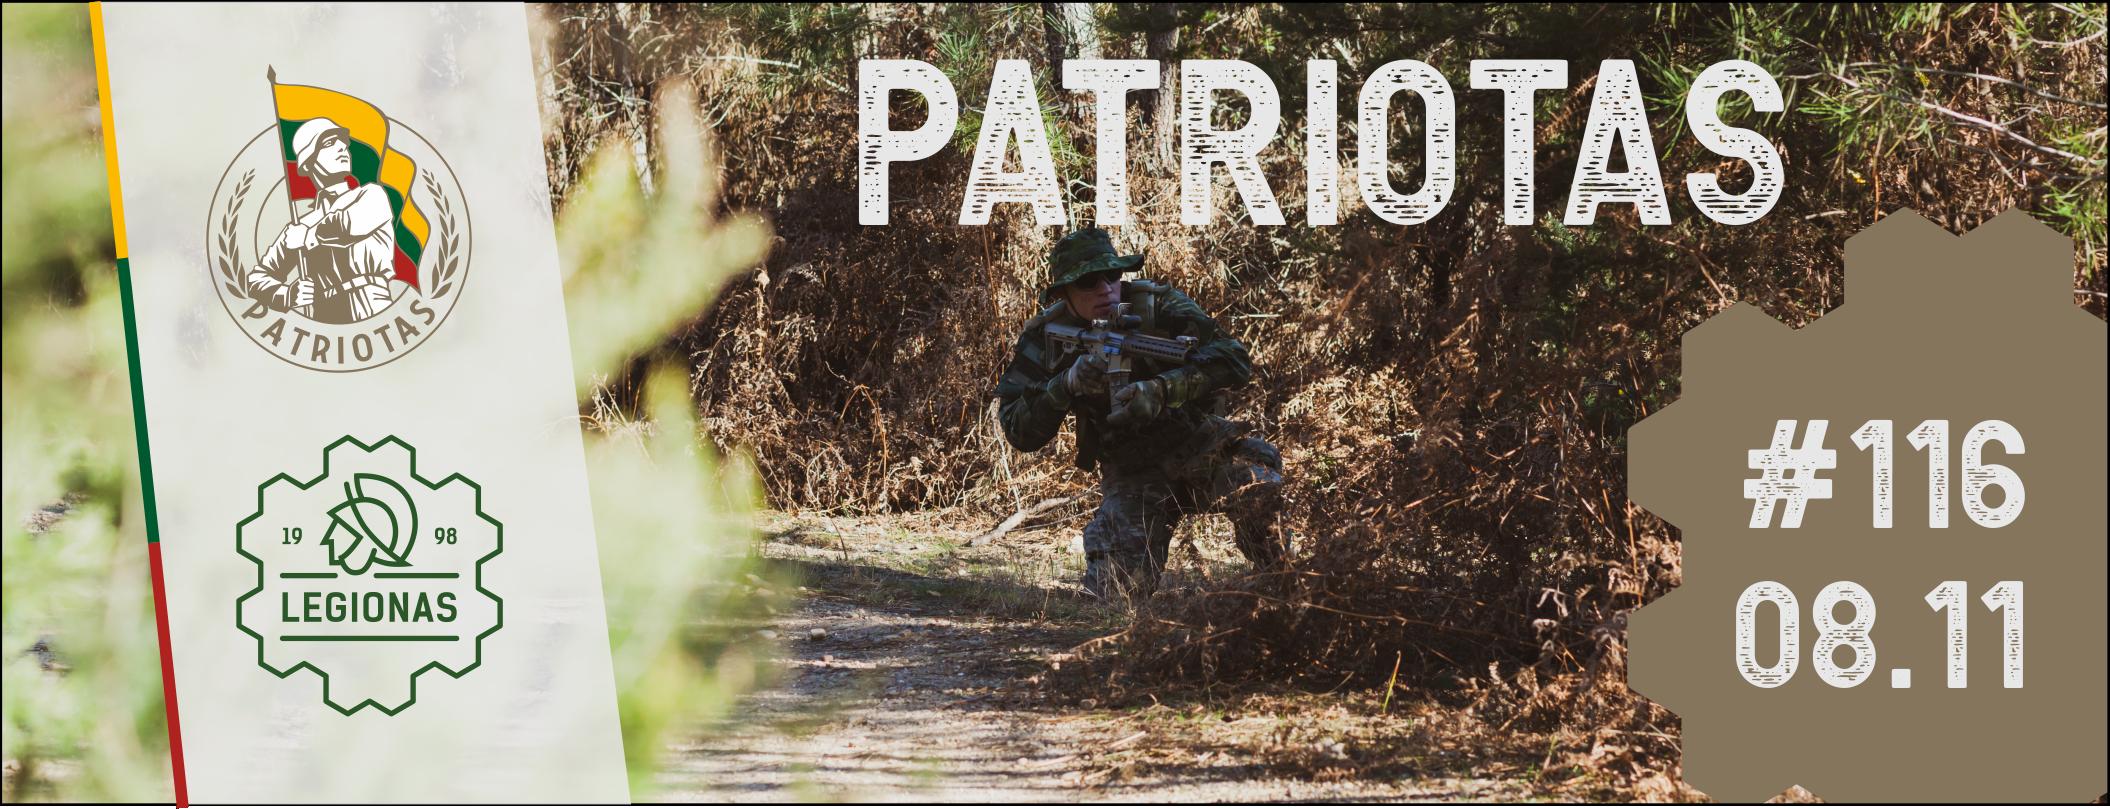 116_patrioto_baneris_web